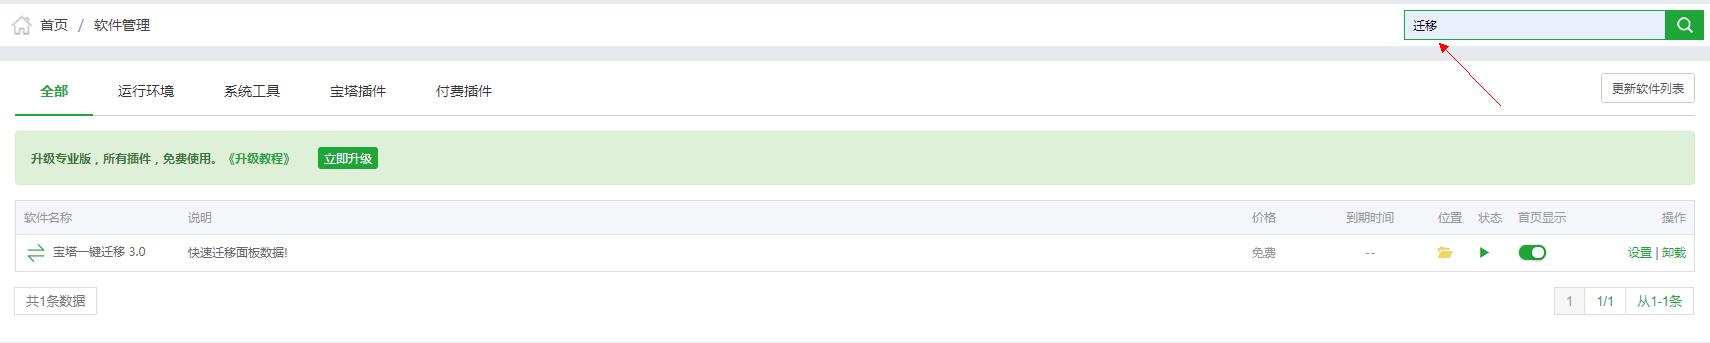 《2019 宝塔十分钟迁移网站 预览一遍流程》